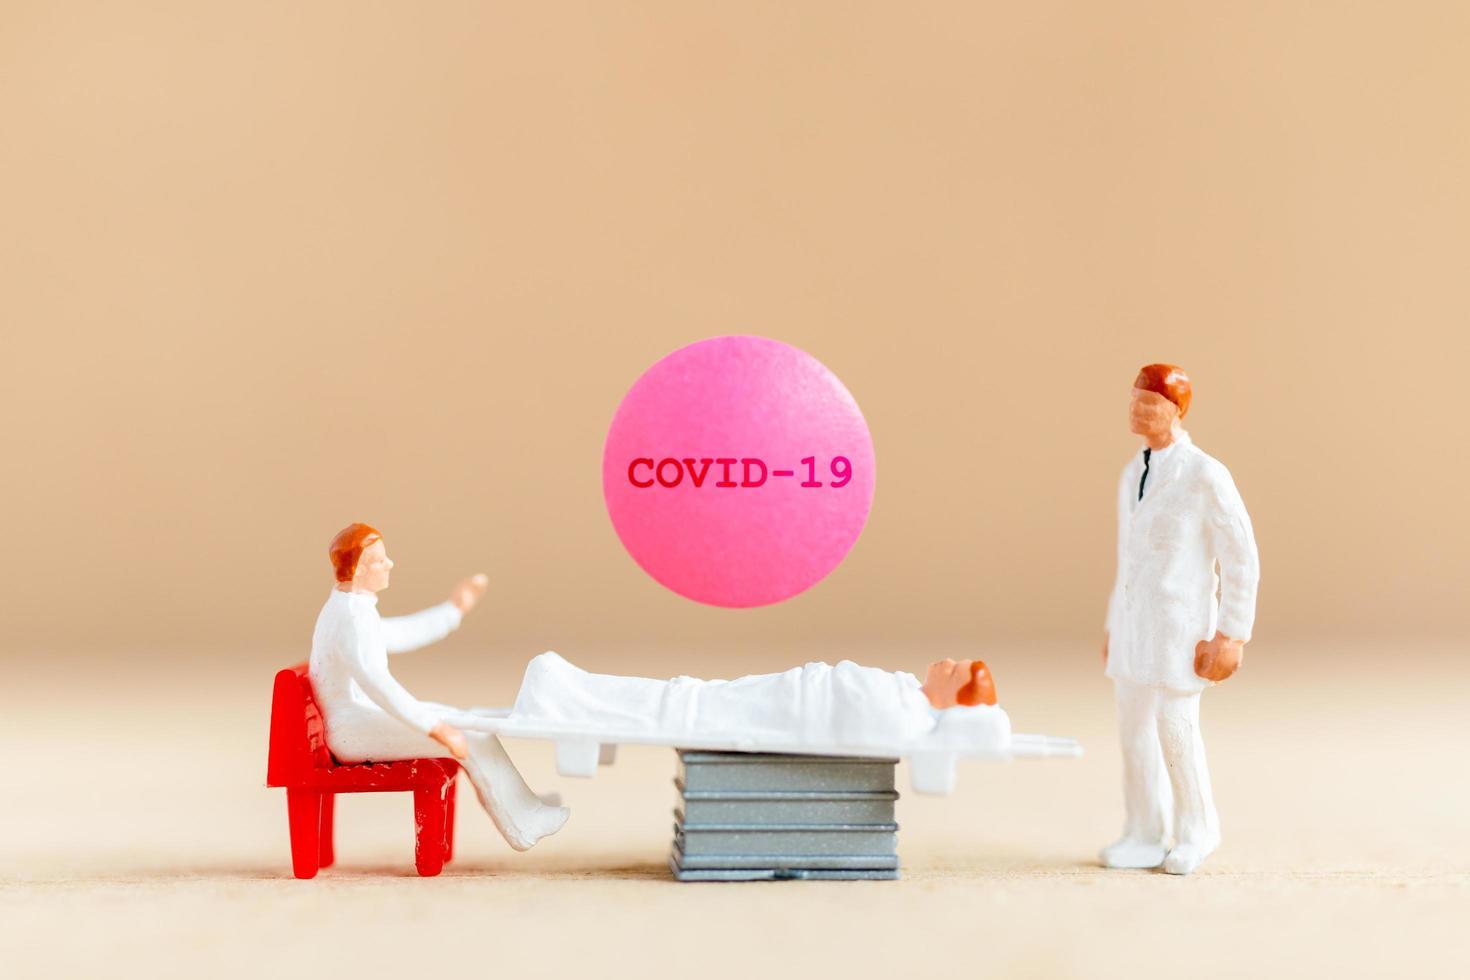 Miniaturarzt, der einen Coronavirus-Impfstoff erforscht und entwickelt, ein Medikament, um das Konzept des Covid-19-Ausbruchs zu stoppen foto